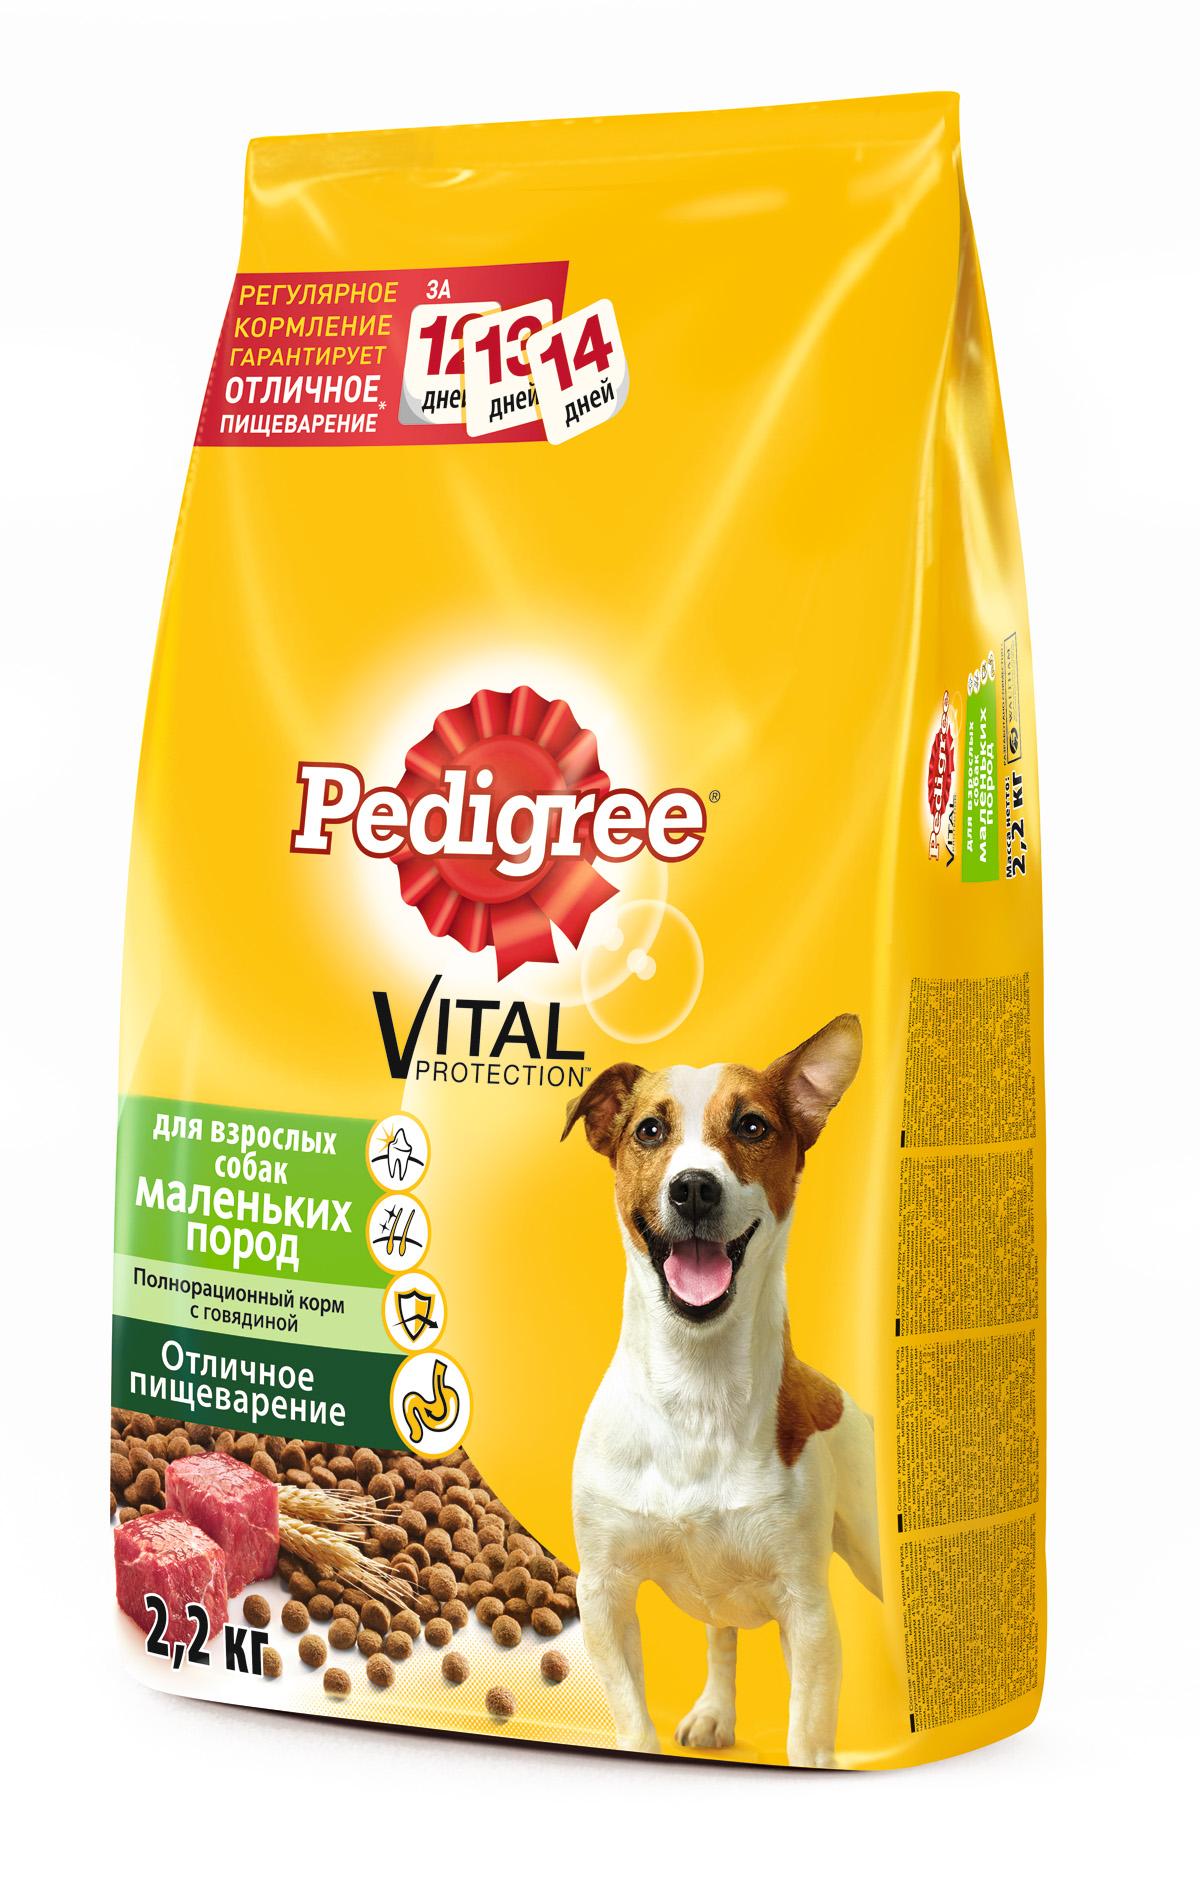 Корм сухой Pedigree для взрослых собак маленьких пород, с говядиной, 2,2 кг37966Сухой корм Pedigree для взрослых собак весом меньше 15 кг - это полнорационный корм с говядиной, который предназначен для взрослых собак маленьких и карликовых пород. Он состоит из качественных и натуральных ингредиентов: мяса, овощей, злаков. Корм способствует здоровому росту и гармоничному развитию вашего питомца. Он создан с учетом особенностей пищеварения собаки, легко усваивается и обеспечивает правильную работу желудочно-кишечного тракта. Состав: кукуруза, рис, пшеница, куриная мука, мясная мука (в том числе говядина минимум 4%), свекольный жом, подсолнечное масло, жир животный, пивные дрожжи, витамины и минералы. Пищевая ценность (100 г): белки 21 г, жиры 14 г, зола 7 г, клетчатка 4 г, влажность не более 10 г, кальций 1,3 г, фосфор 0,8 г, натрий 0,3 г, калий 0,58 г, магний 0,1 г, цинк 20 г, медь 1,5 г, витамин А 1500 МЕ, витамин Е 20 мг, витамин D3 120 МЕ, витамины B1, B2, B4, B5, B12, ниацин, омега-6, омега-3, полиненасыщенные жирные кислоты. ...